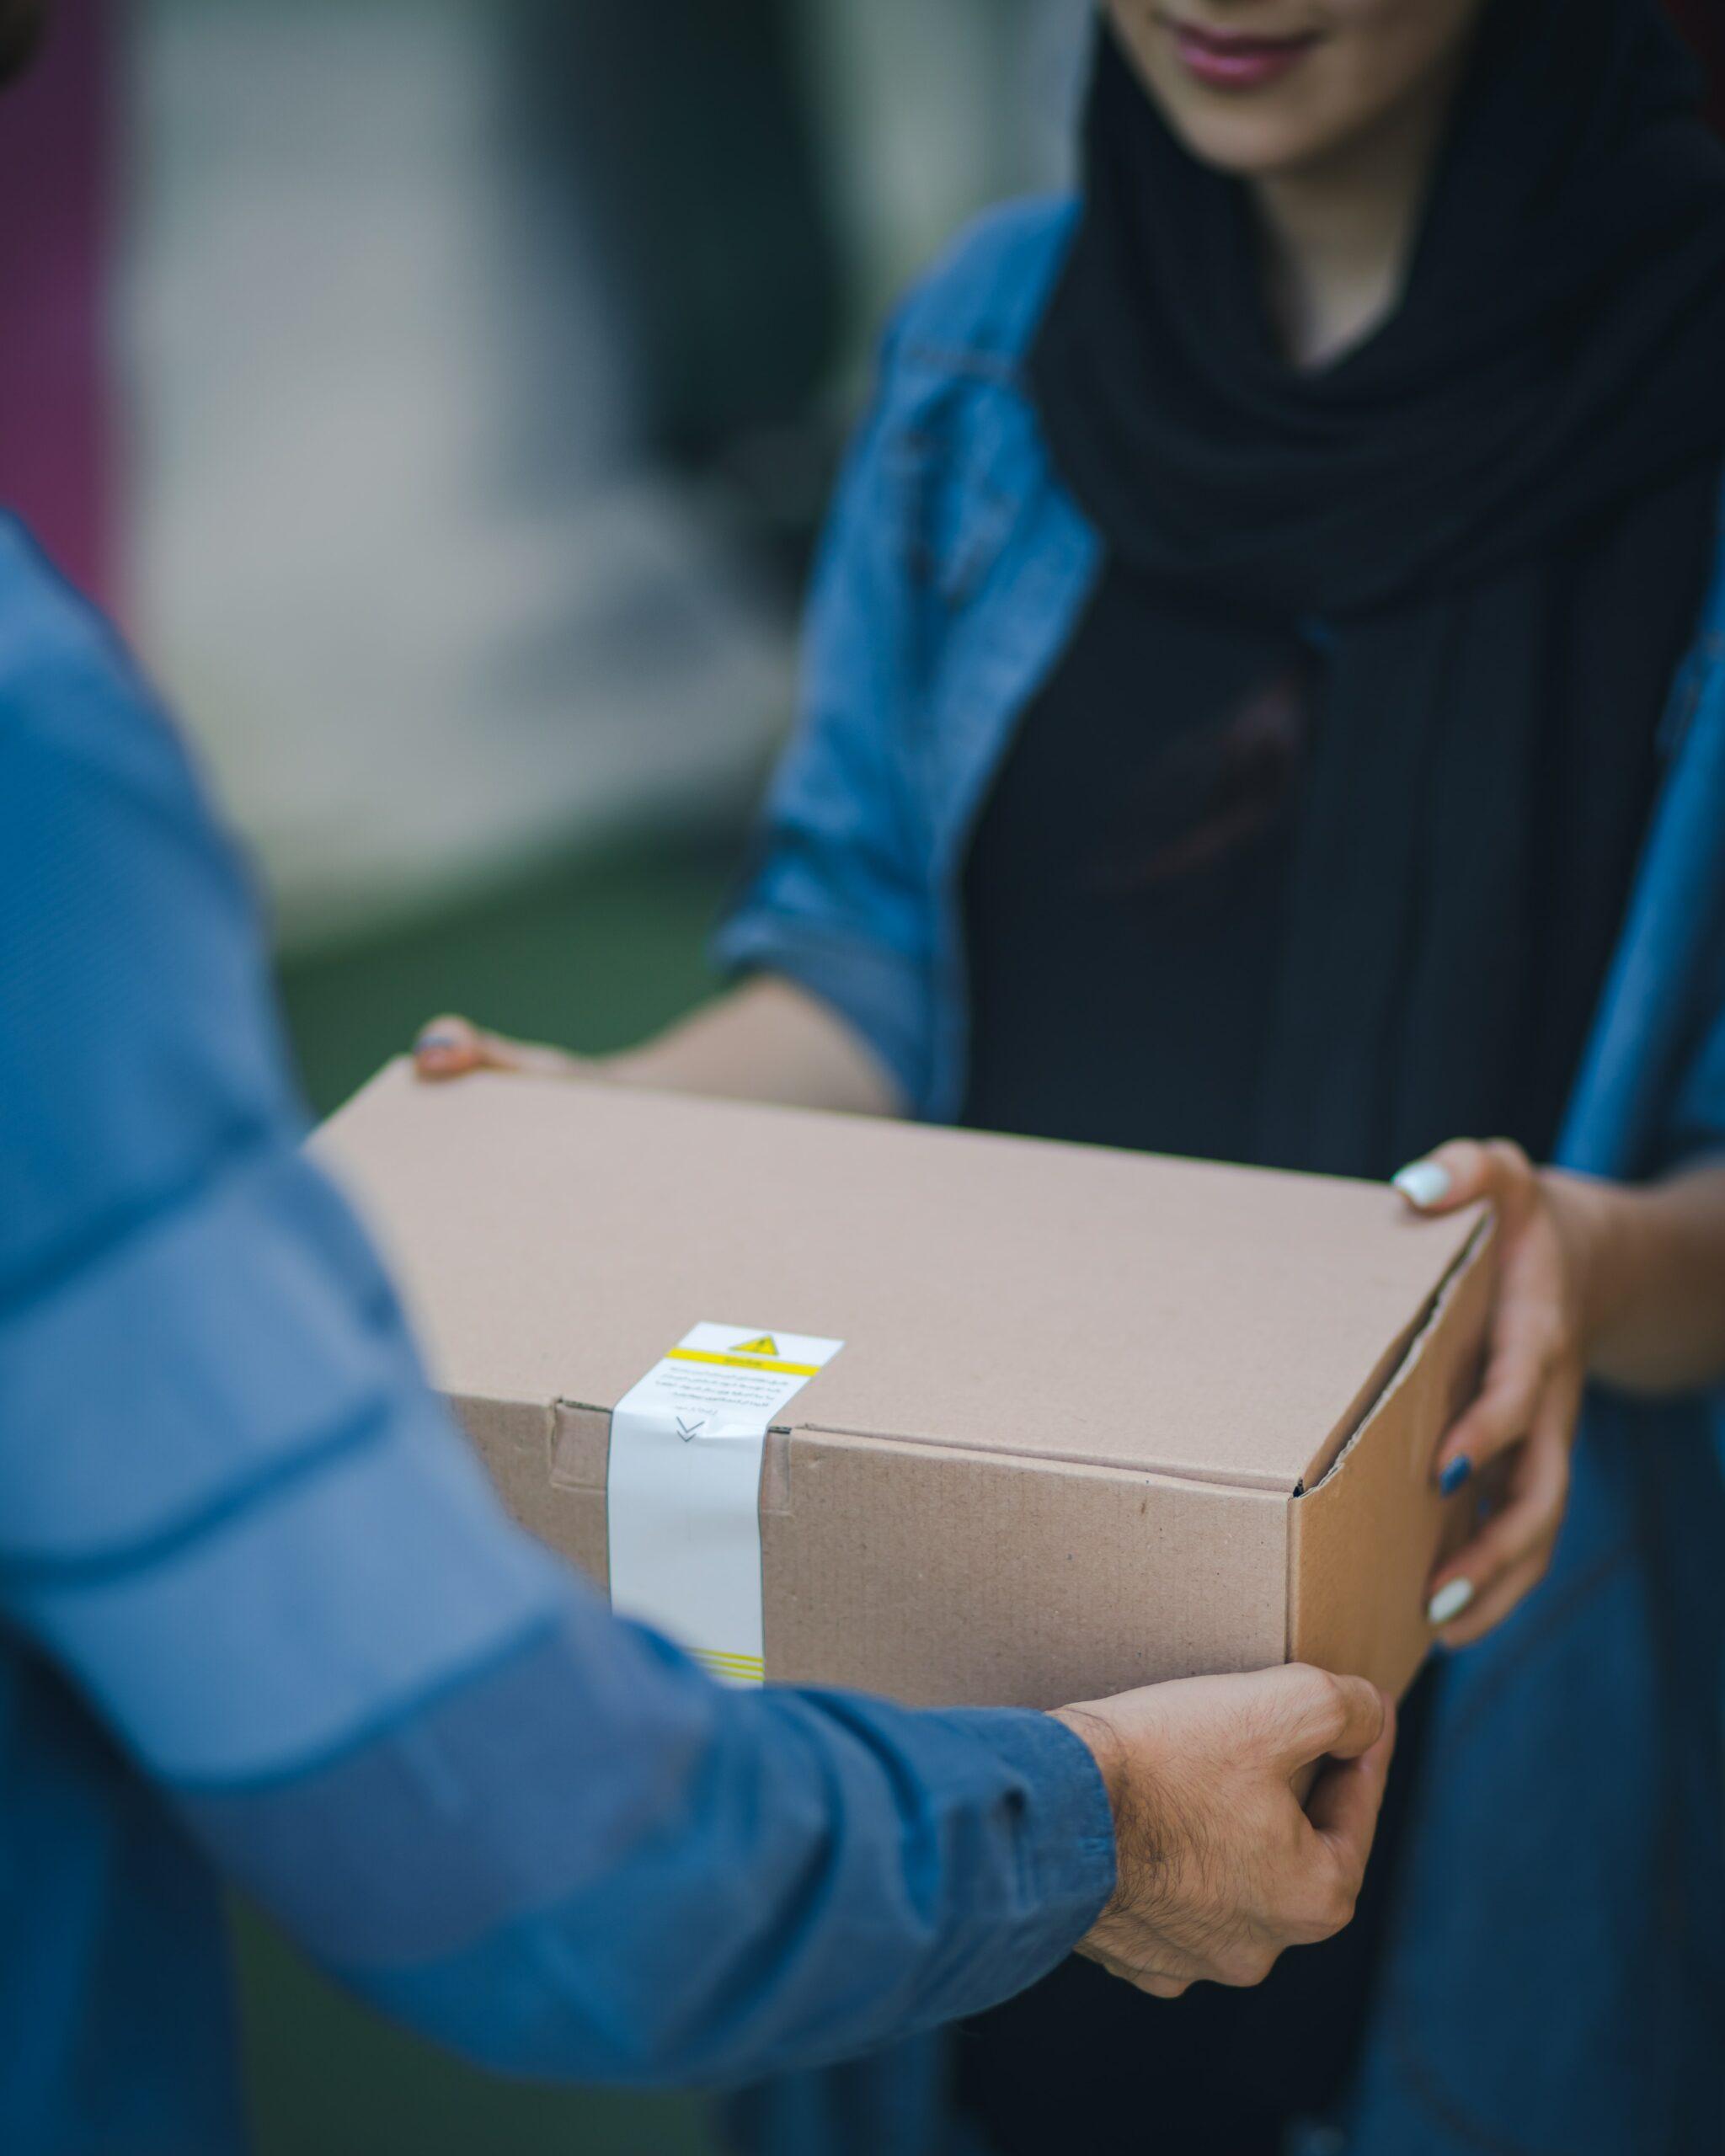 A woman handing a person a cardboard box